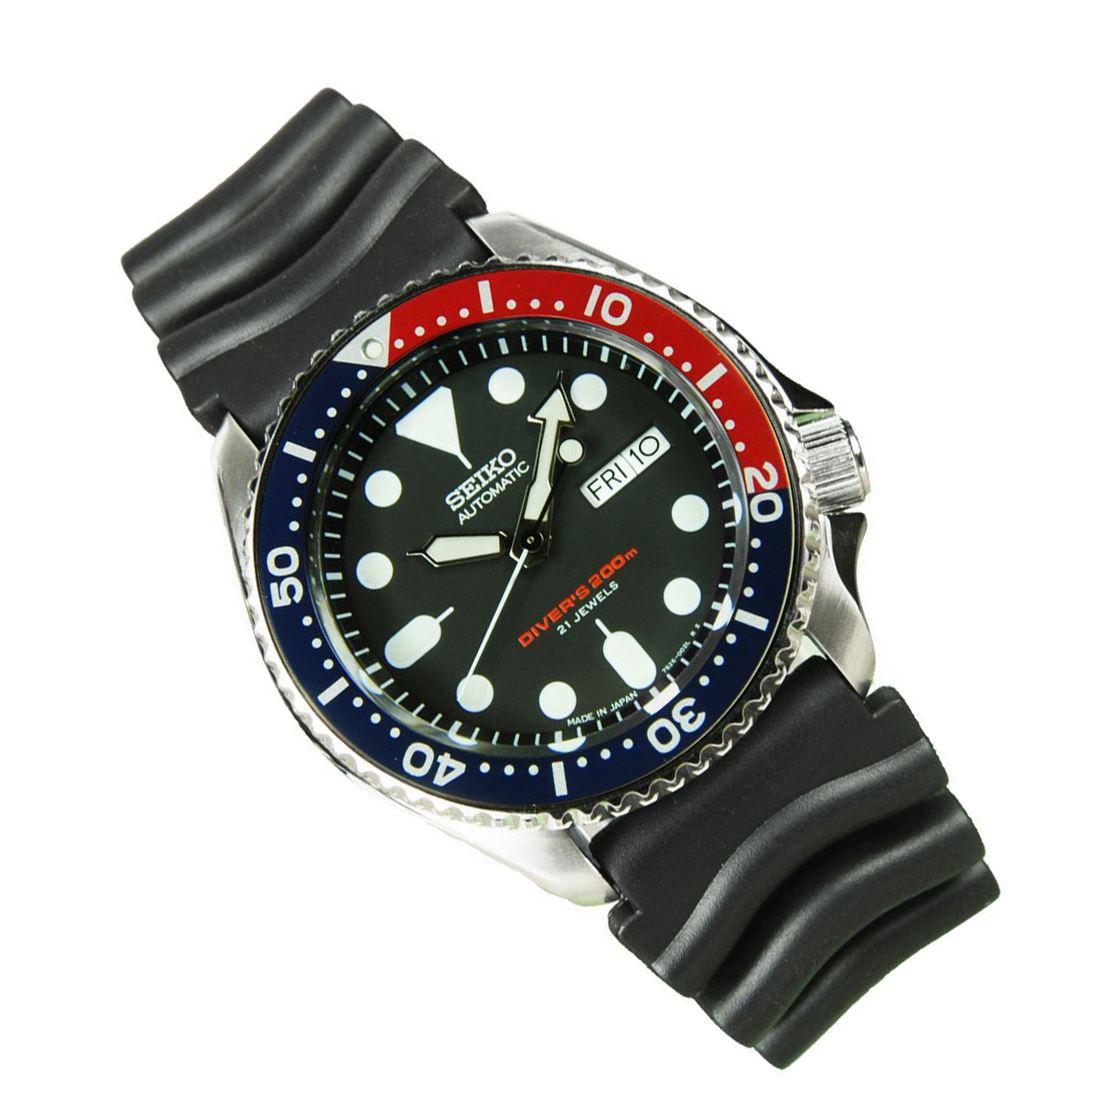 TOP-SELLING-Seiko-SKX009-SKX009J1-SKX009J2-SKX009K1-SKX009K2-Pepsi-Dive-Watch thumbnail 4